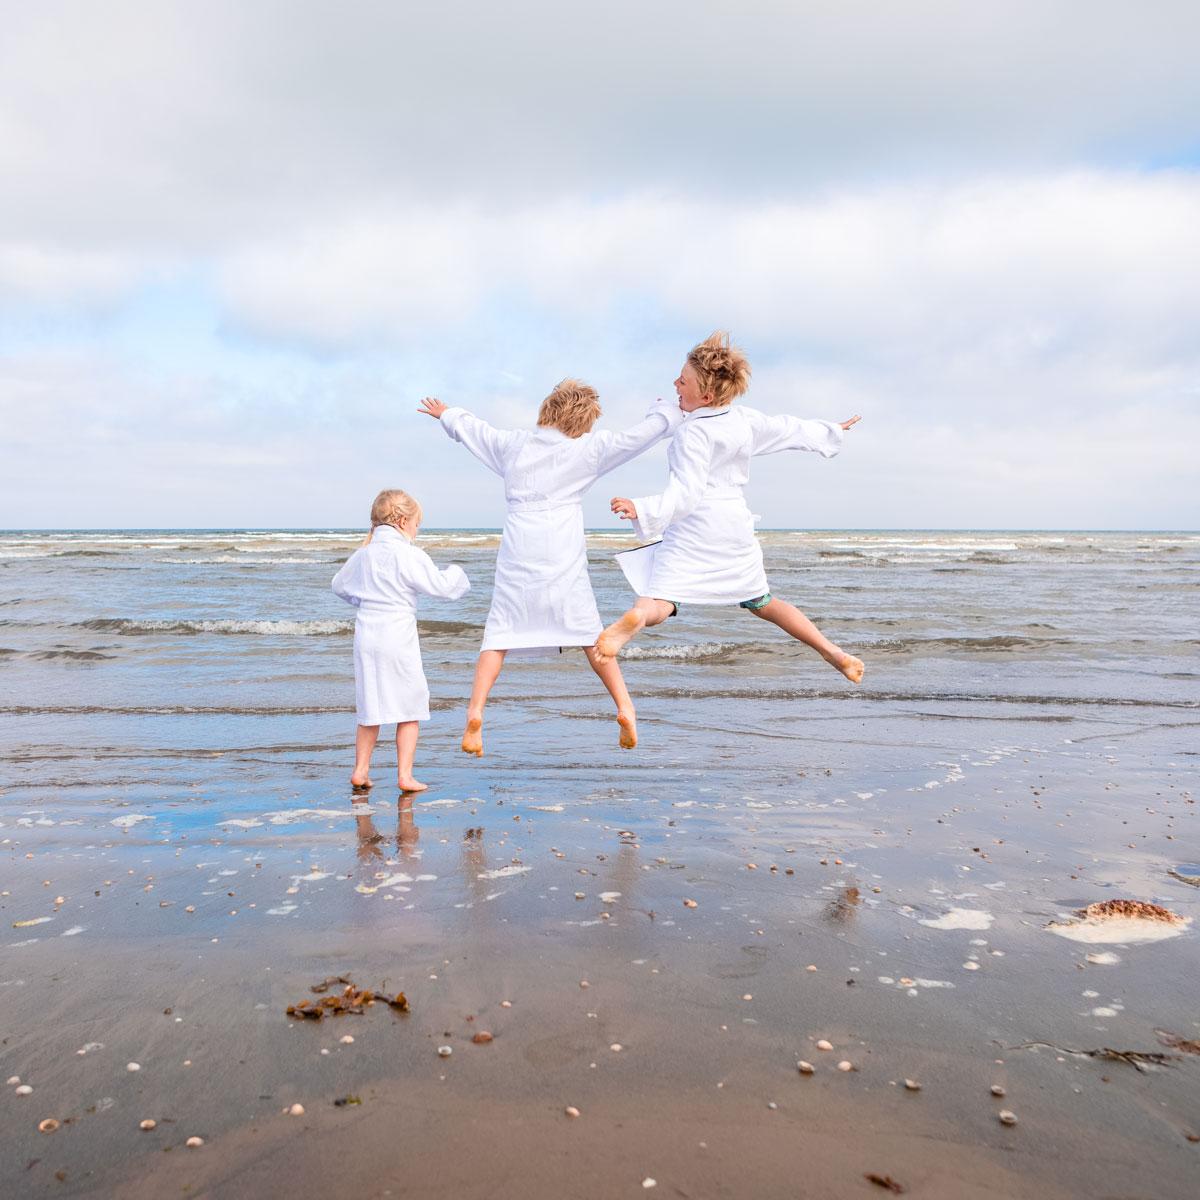 Sommarpaket på hotell i Båstad - hela familjens getaway